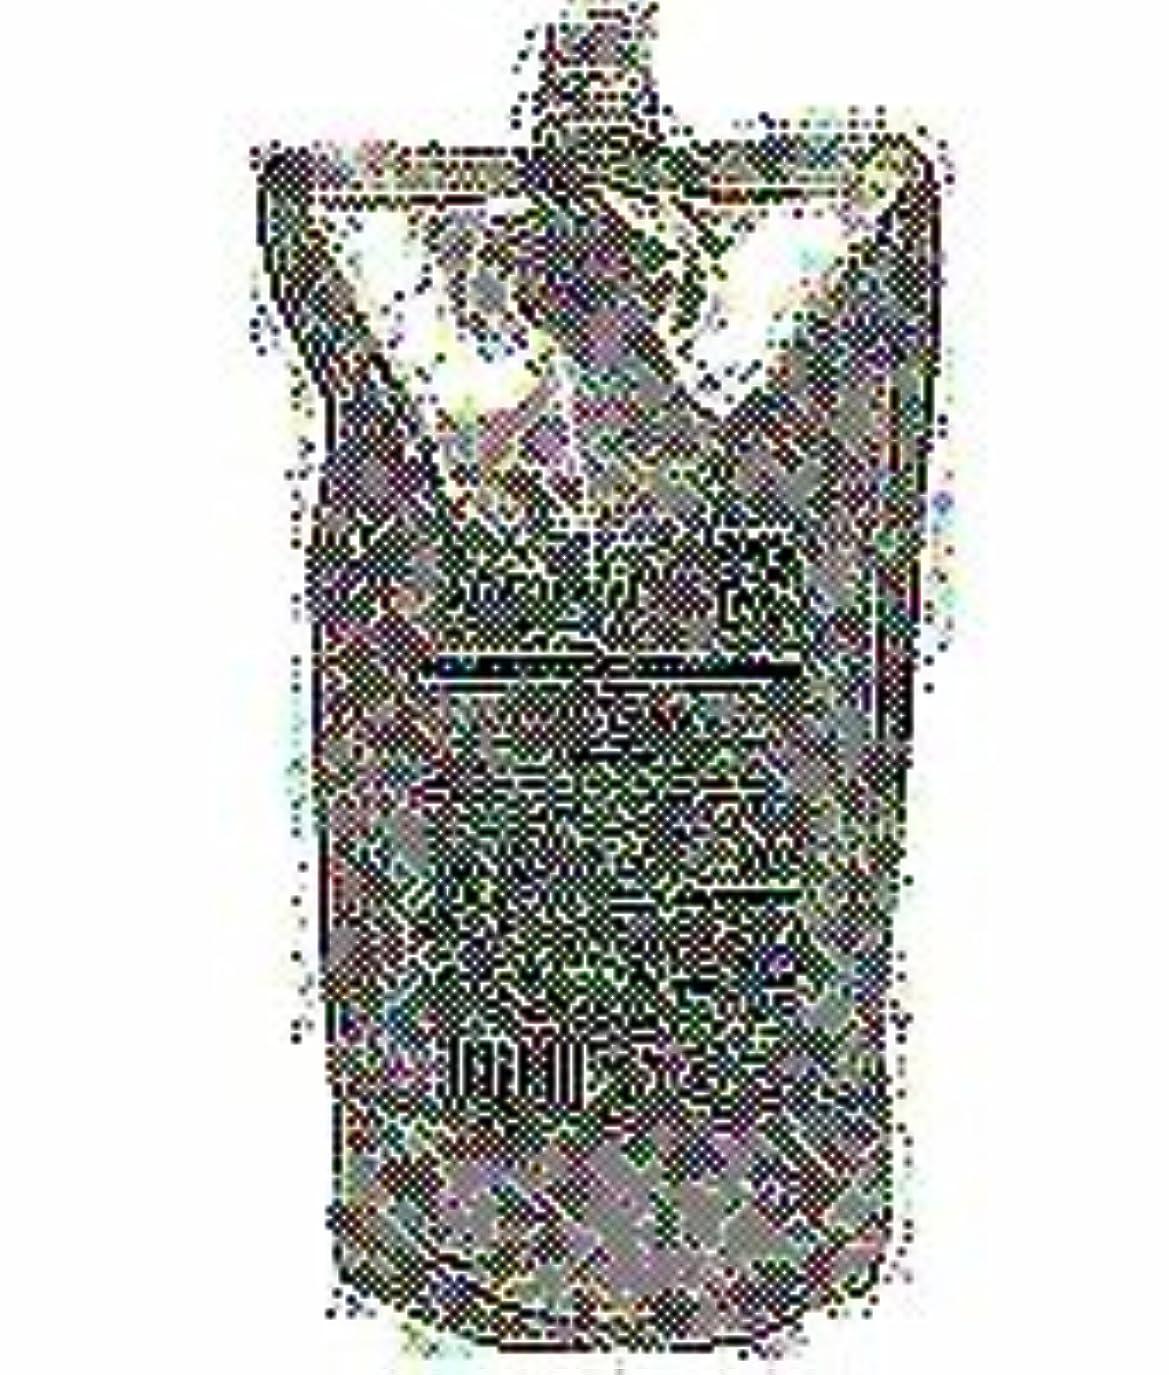 絶縁するツールクローン【X2個セット】 ルベルコスメティックス ルベル プロエディット ヘアスキン スプラッシュリラクシング 360g